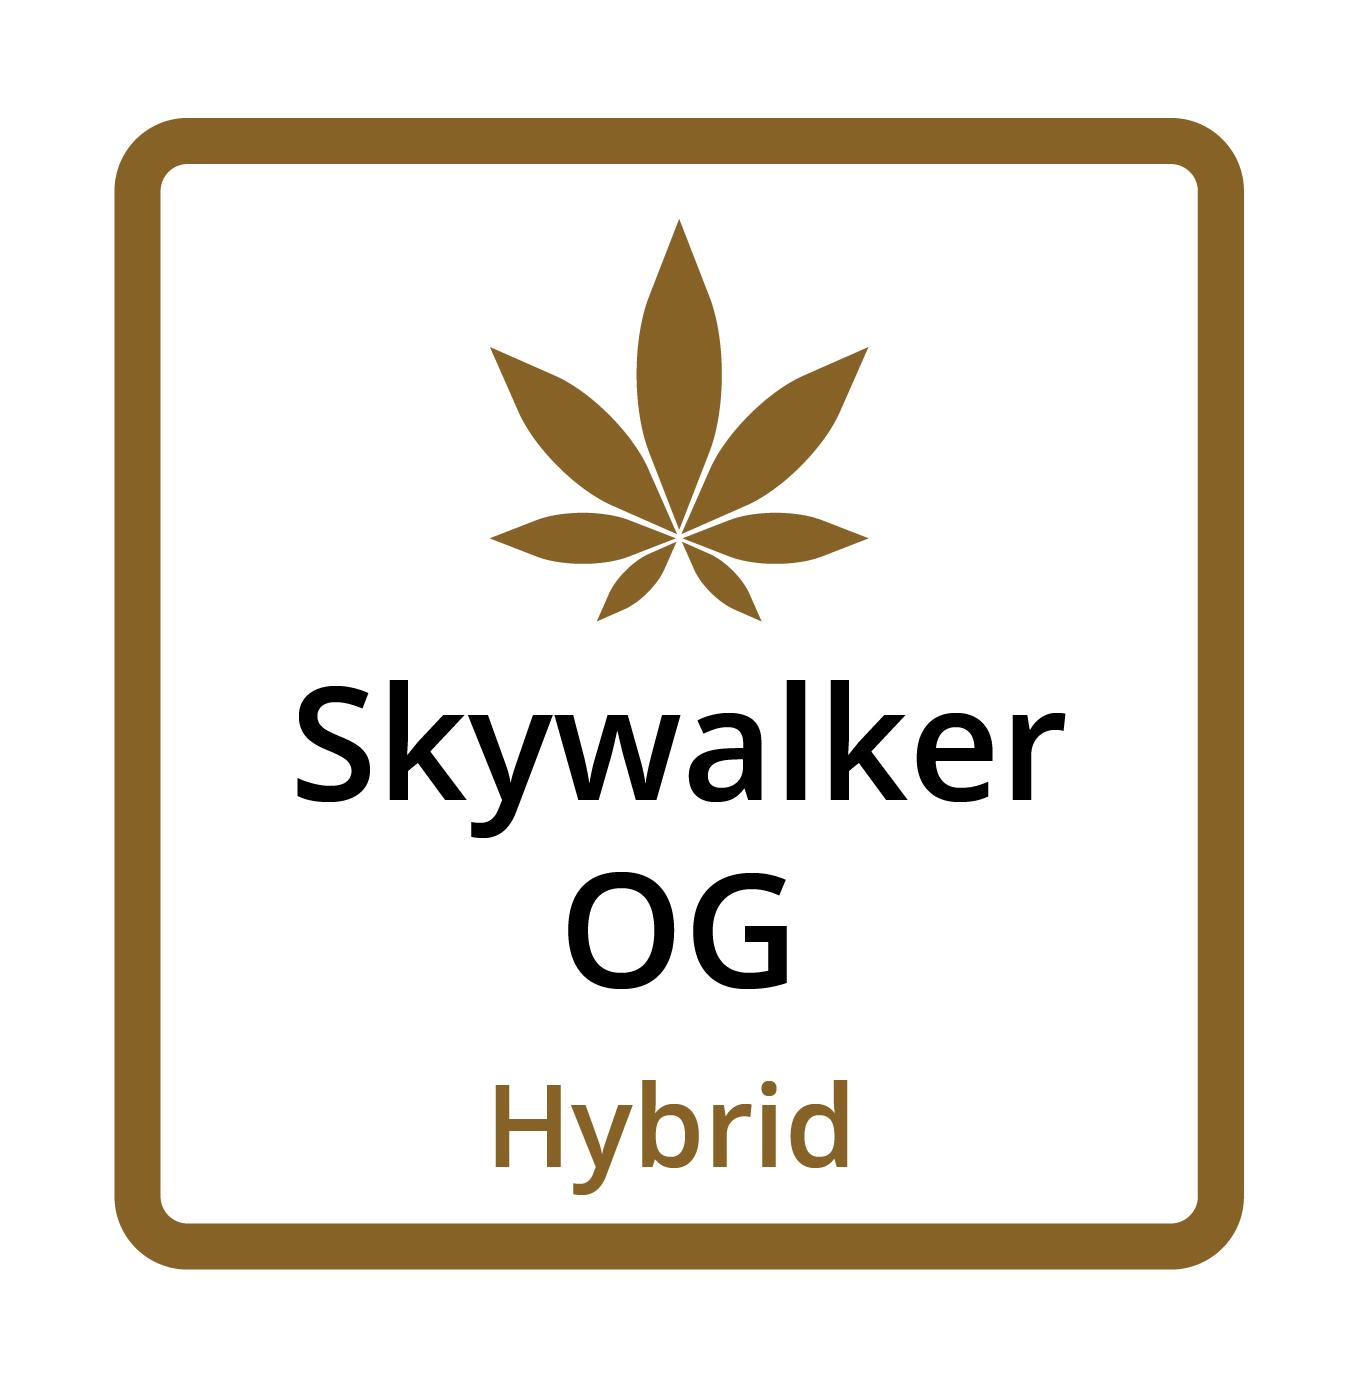 Skywalker OG (Hybrid)